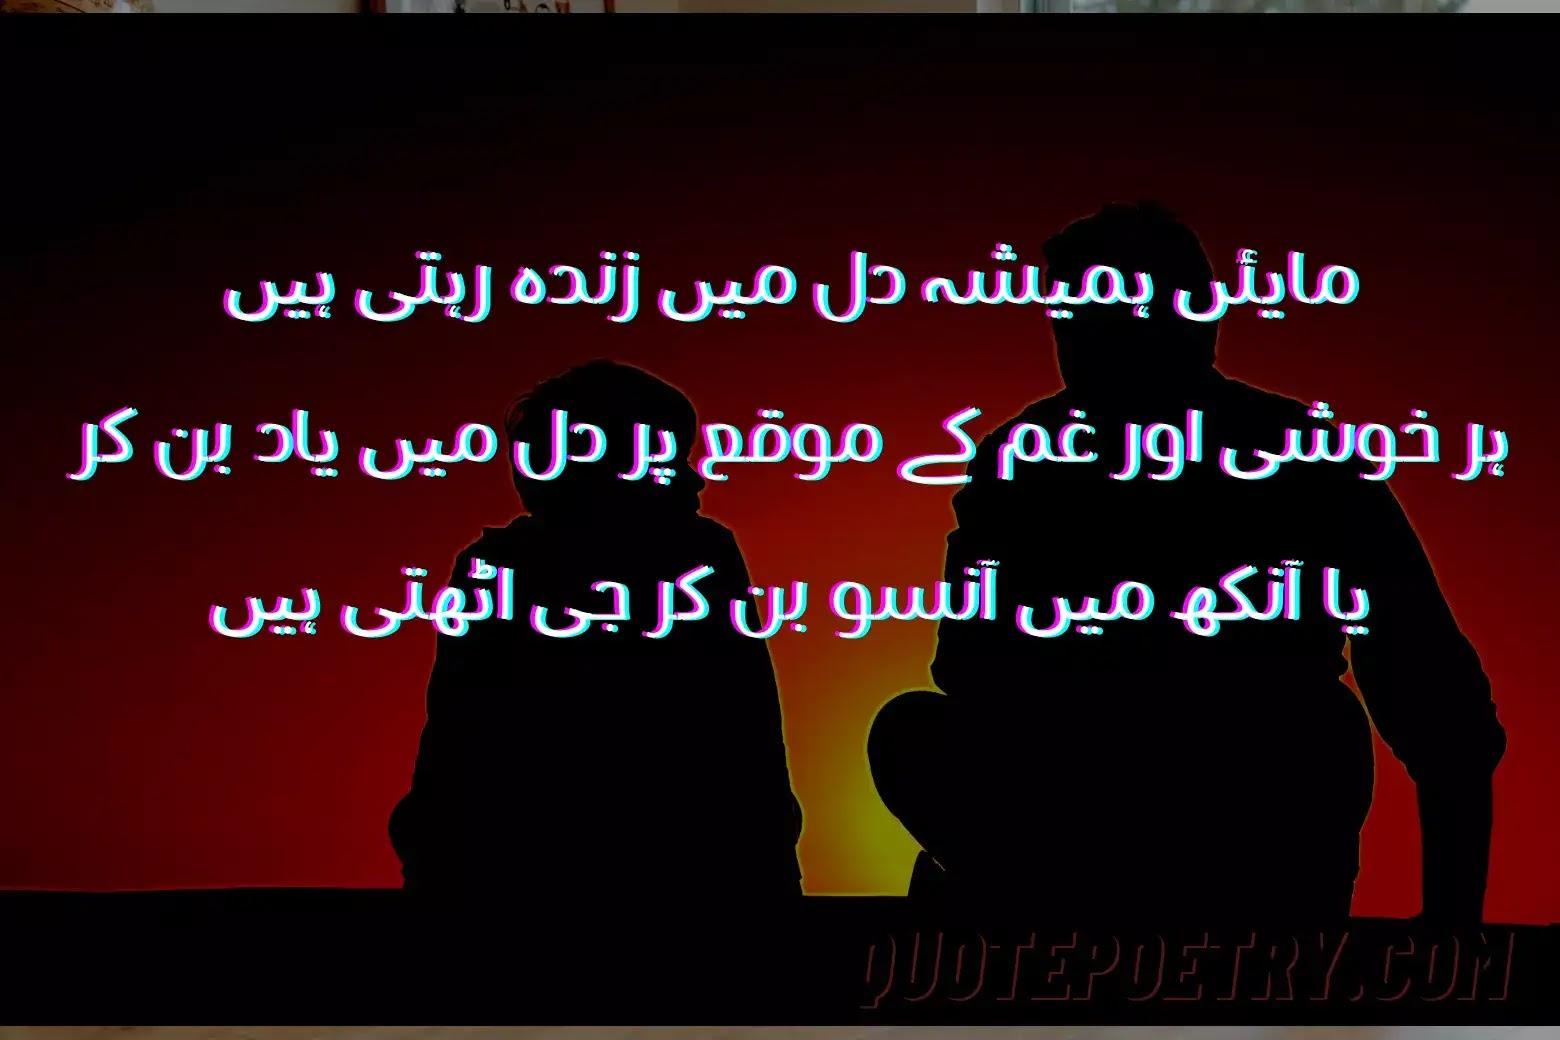 Poetry About Parents - Urdu Maa Baap Poetry - Maa Baap Shayari